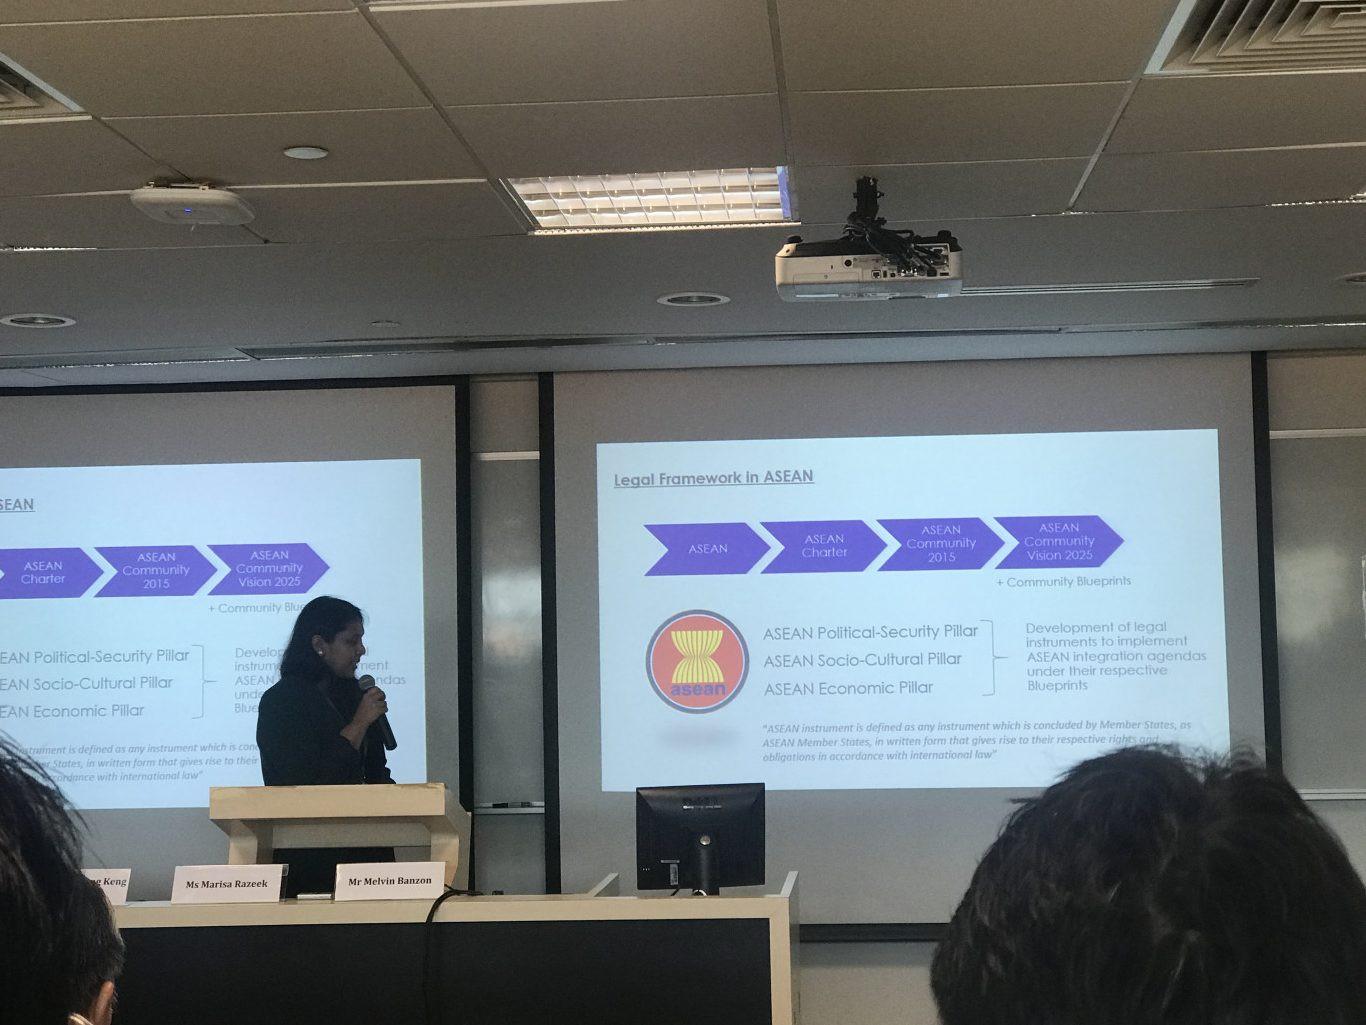 Thủ tục đầu tư ra nước ngoài, tư vấn đầu tư tại nước ngoài, thành lập công ty tại nước ngoài gồm ASEAN và nhiều nước khác